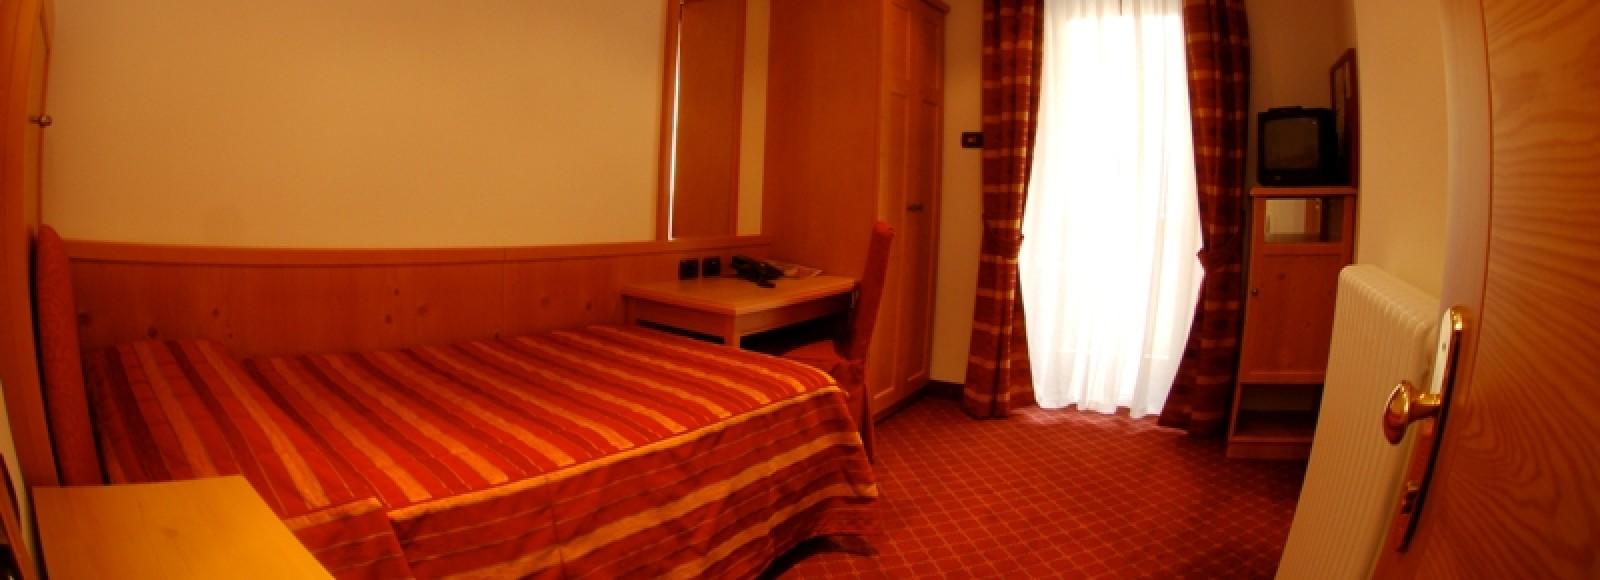 Hotel Isolabella - stanza singola